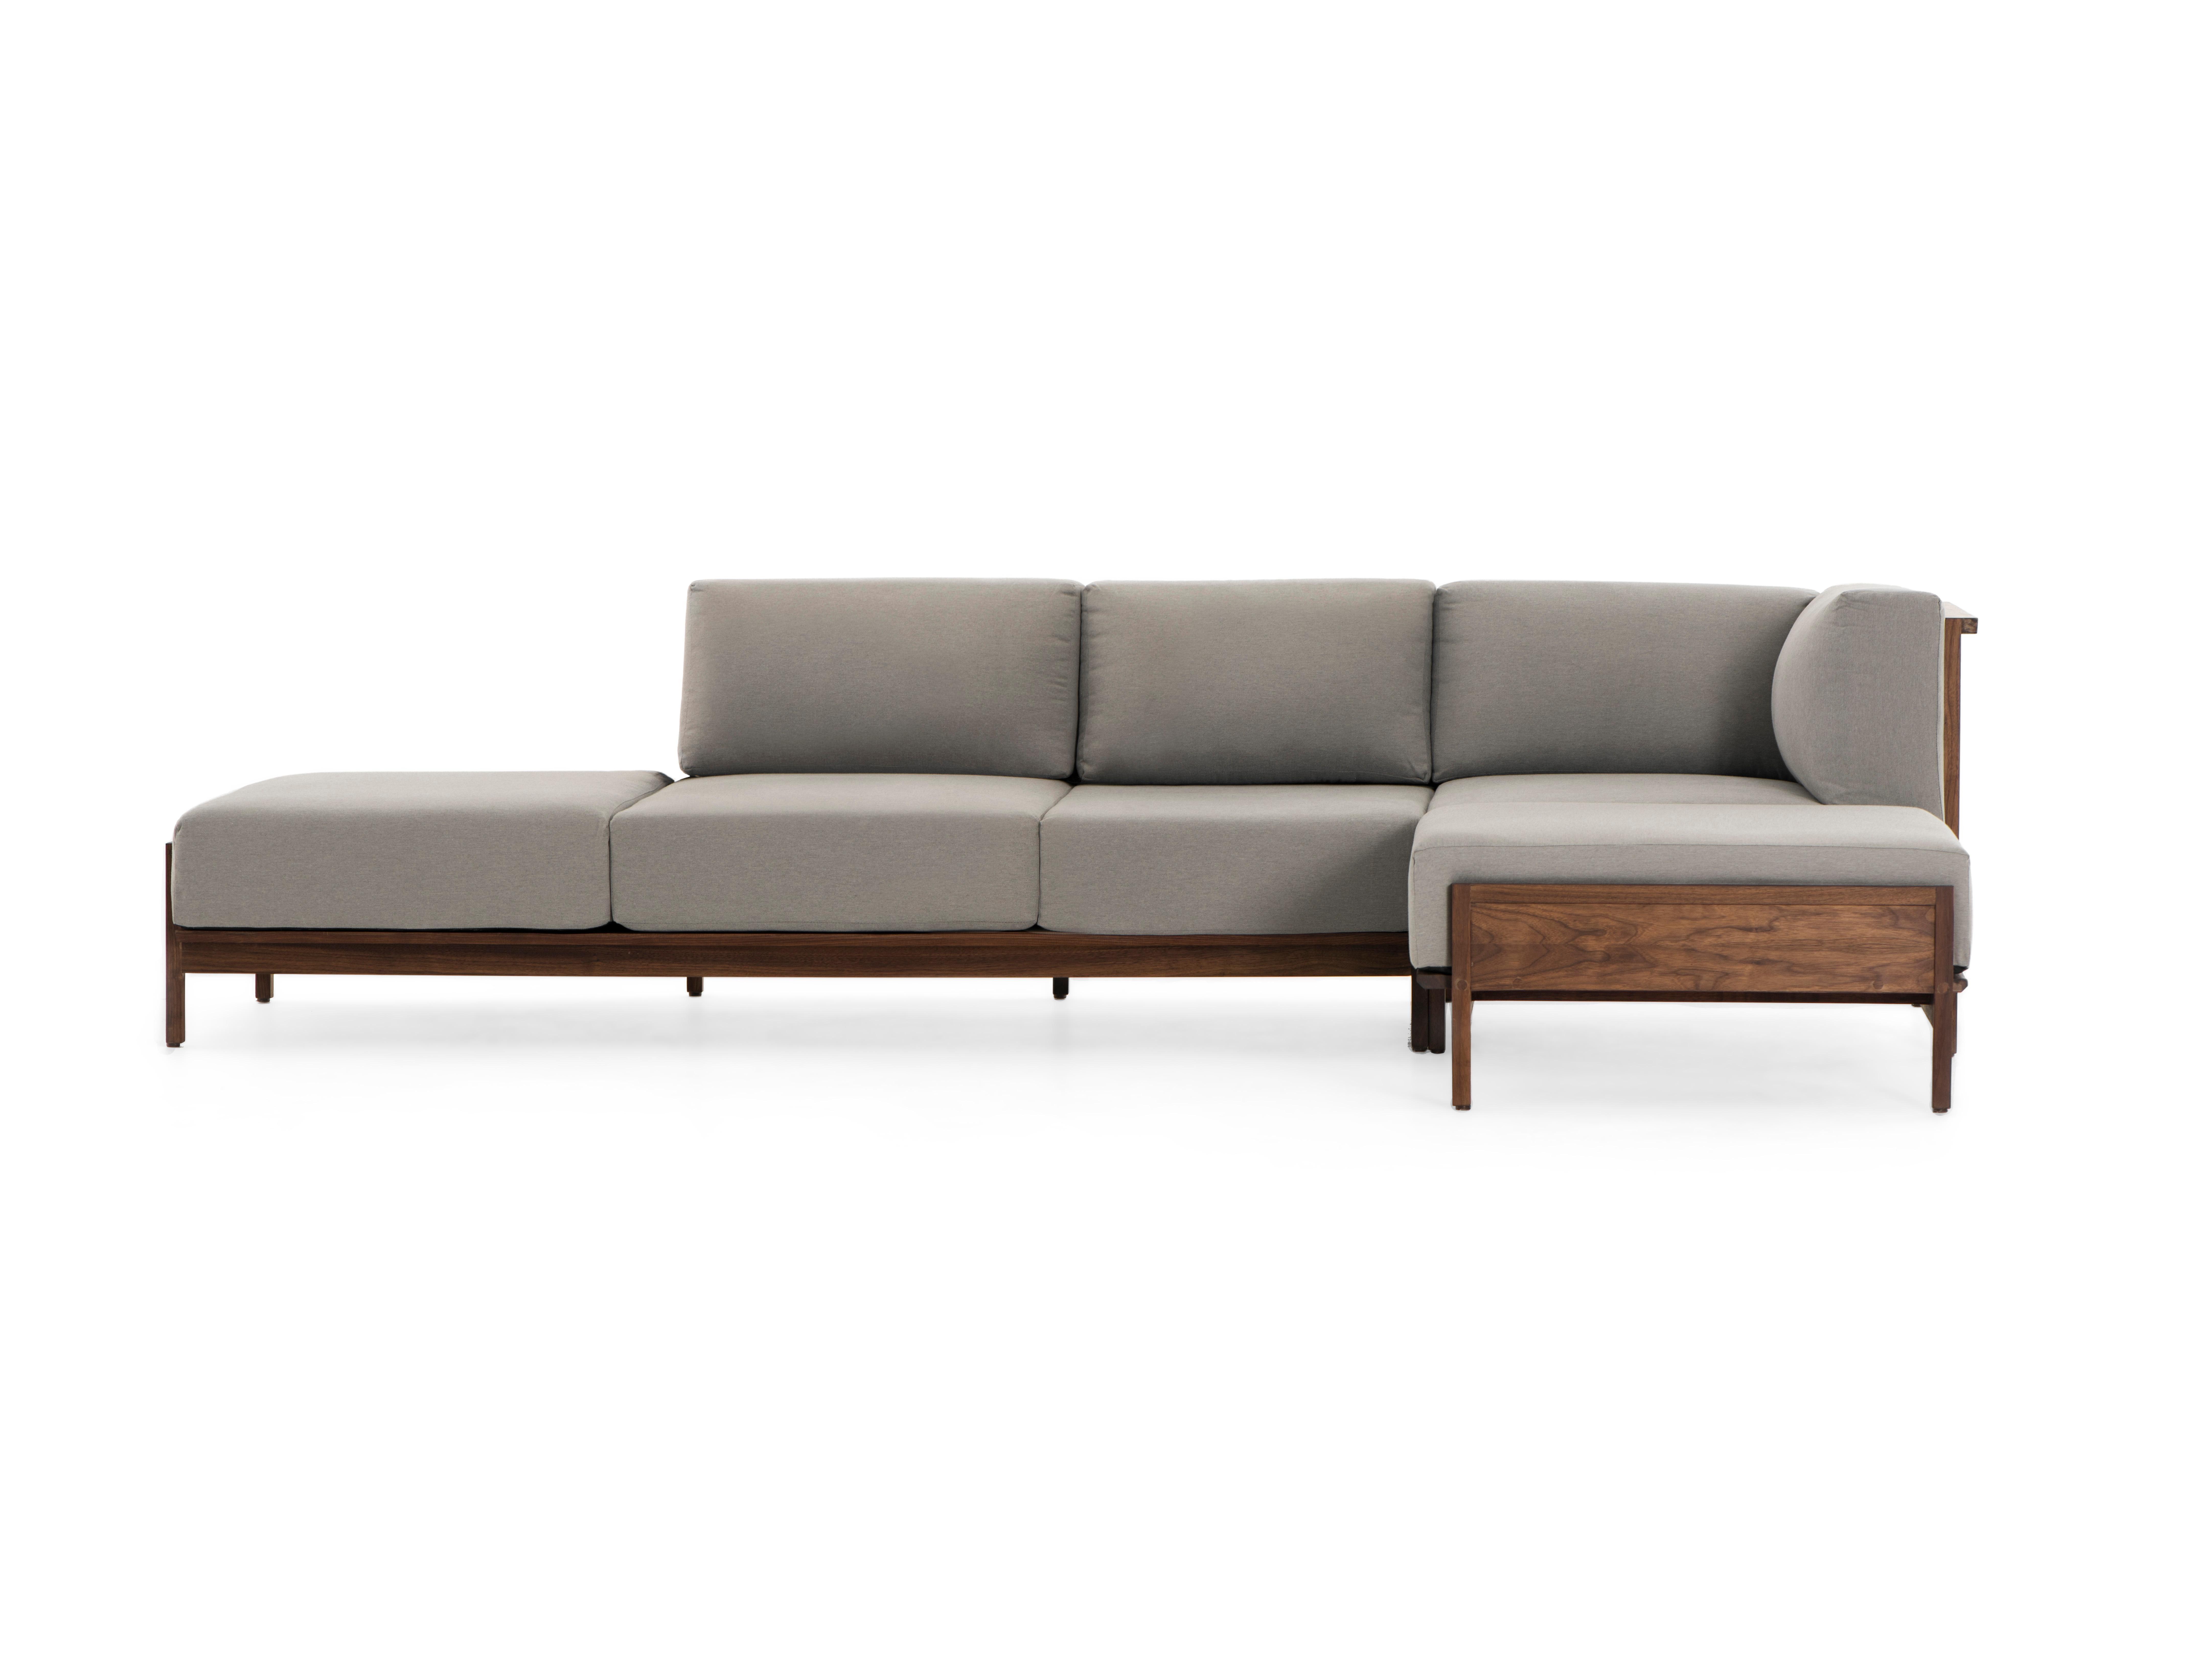 Escuadra Comfort 5p, Mexican Contemporary Sofa by Emiliano Molina for  Cuchara